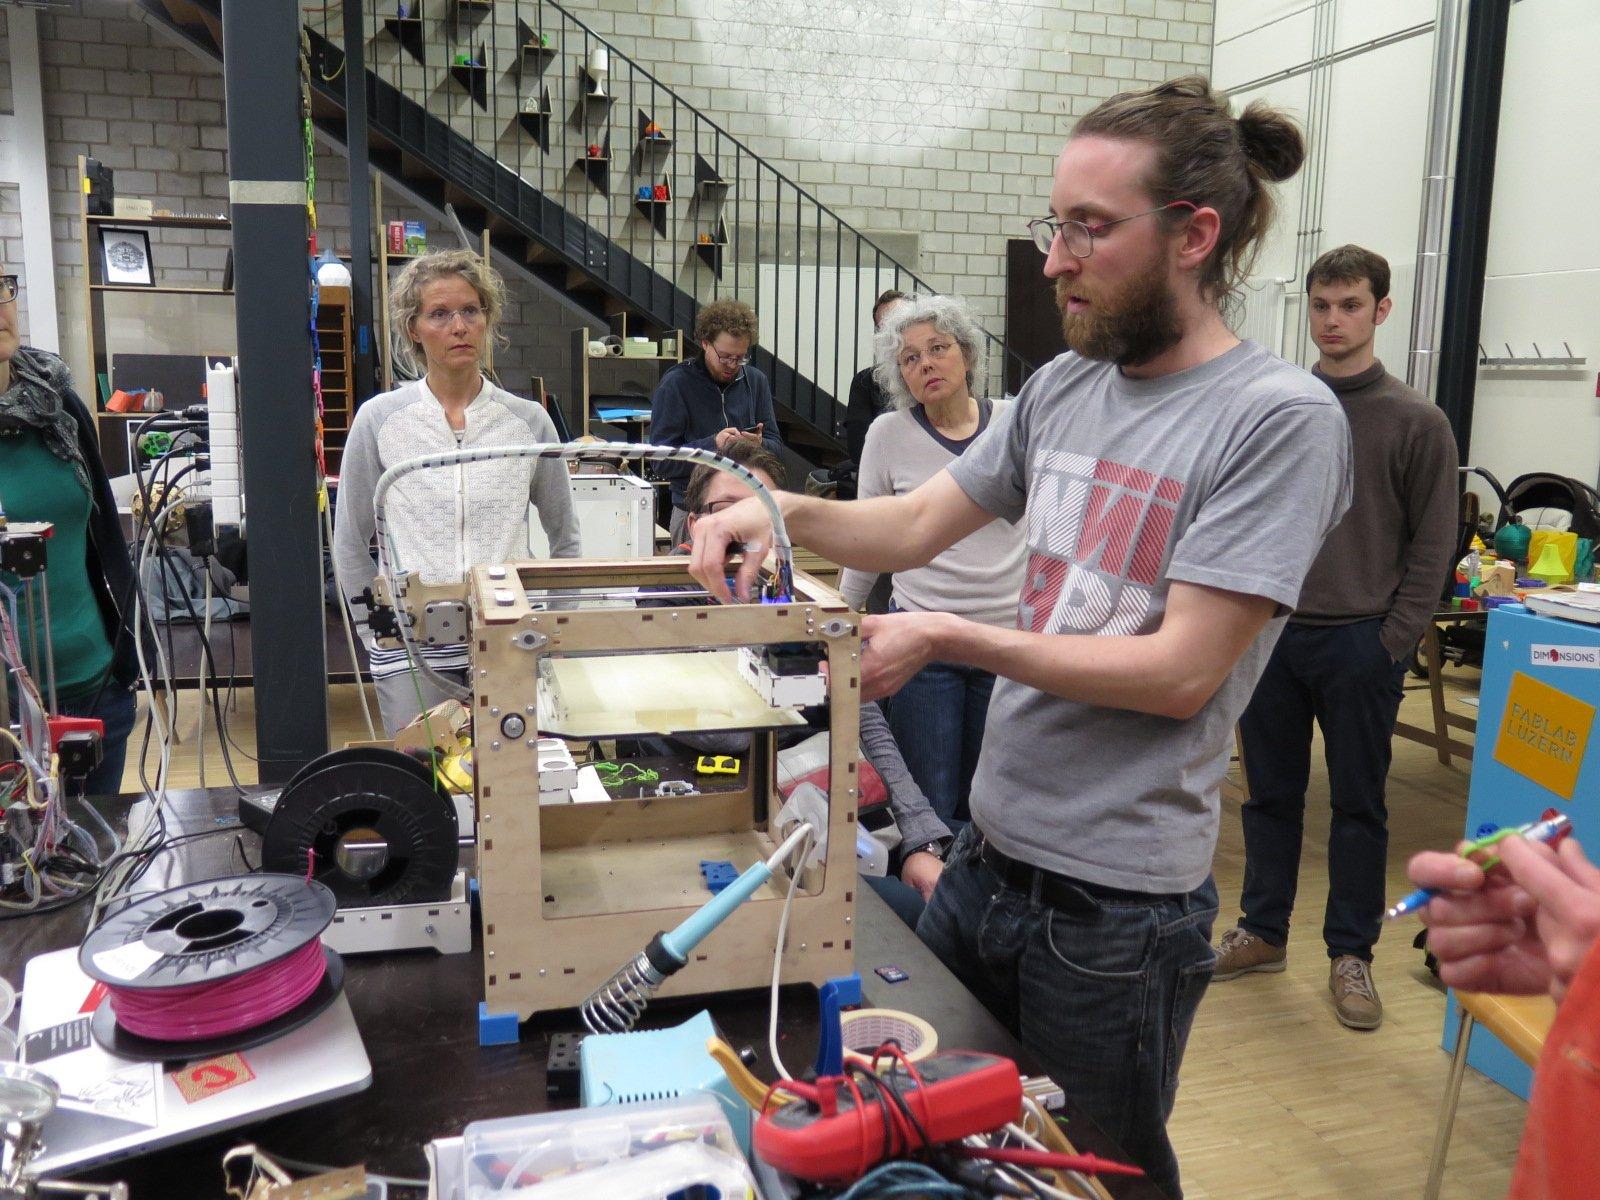 Felix Bänteli erklärt den Anwesenden das Prinzip des 3D-Druckens.